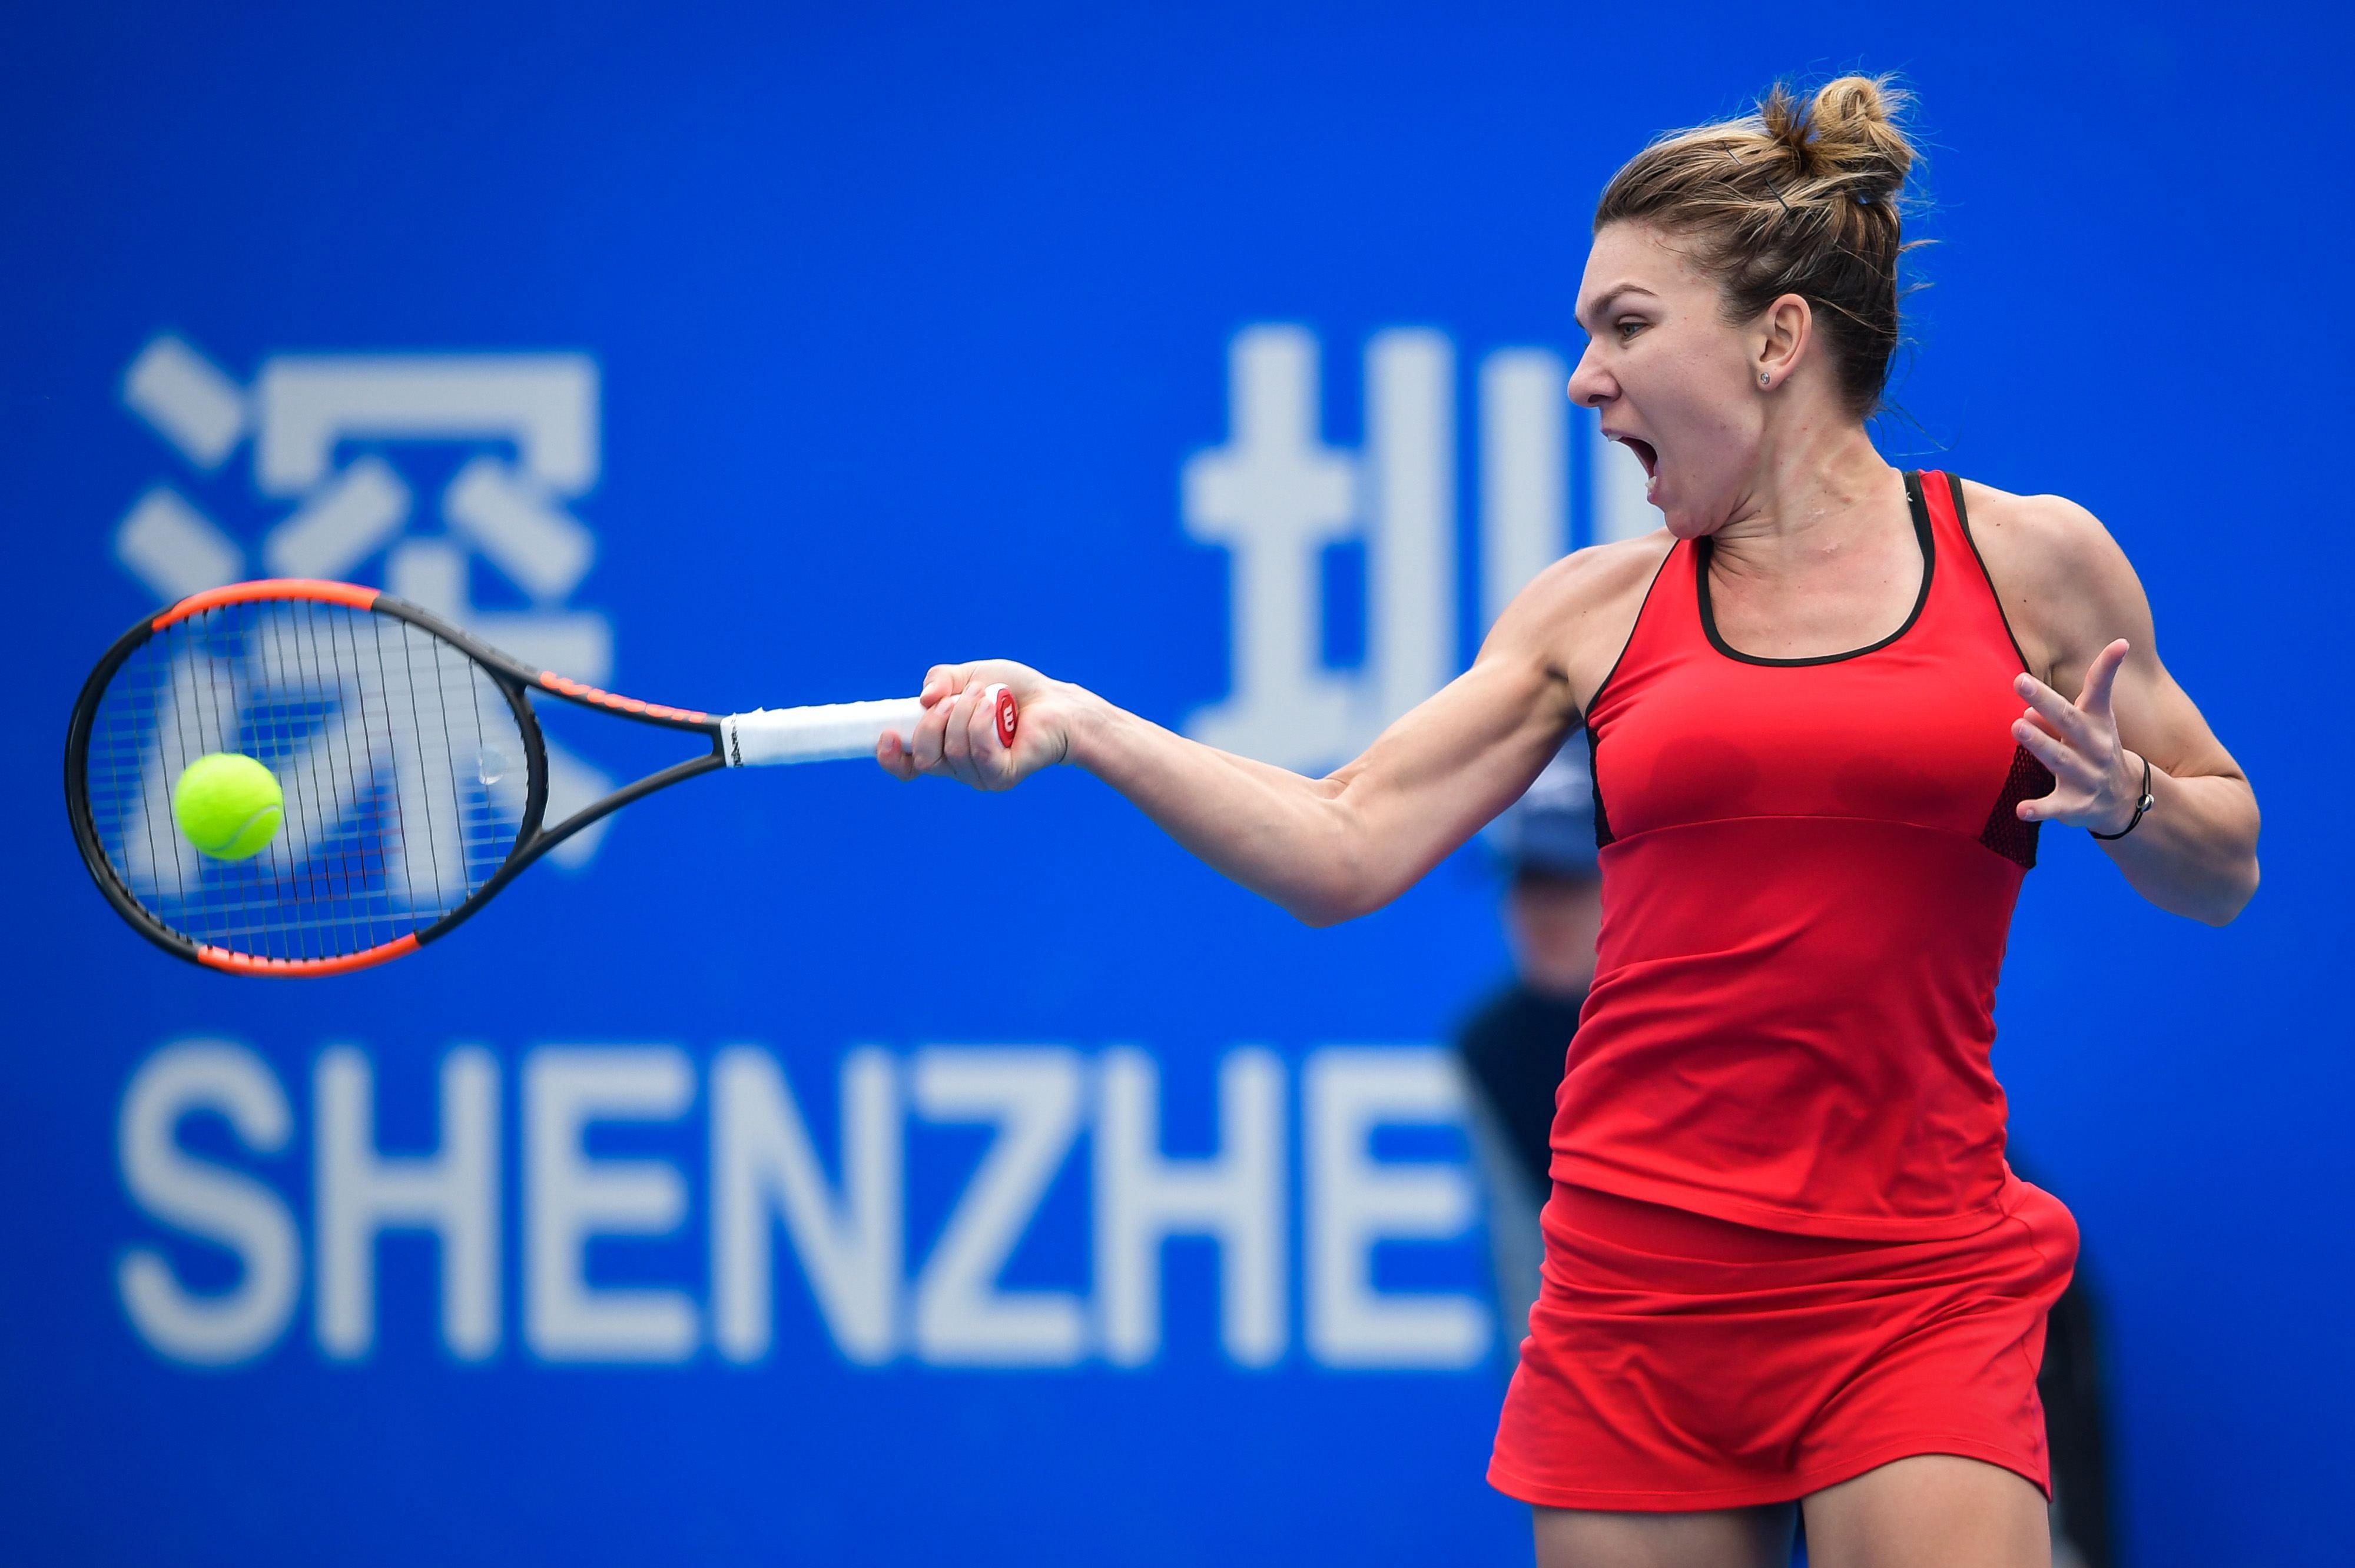 Barometrul jucătoarelor din top 10 WTA, cu o săptămână înainte de startul Australian Open